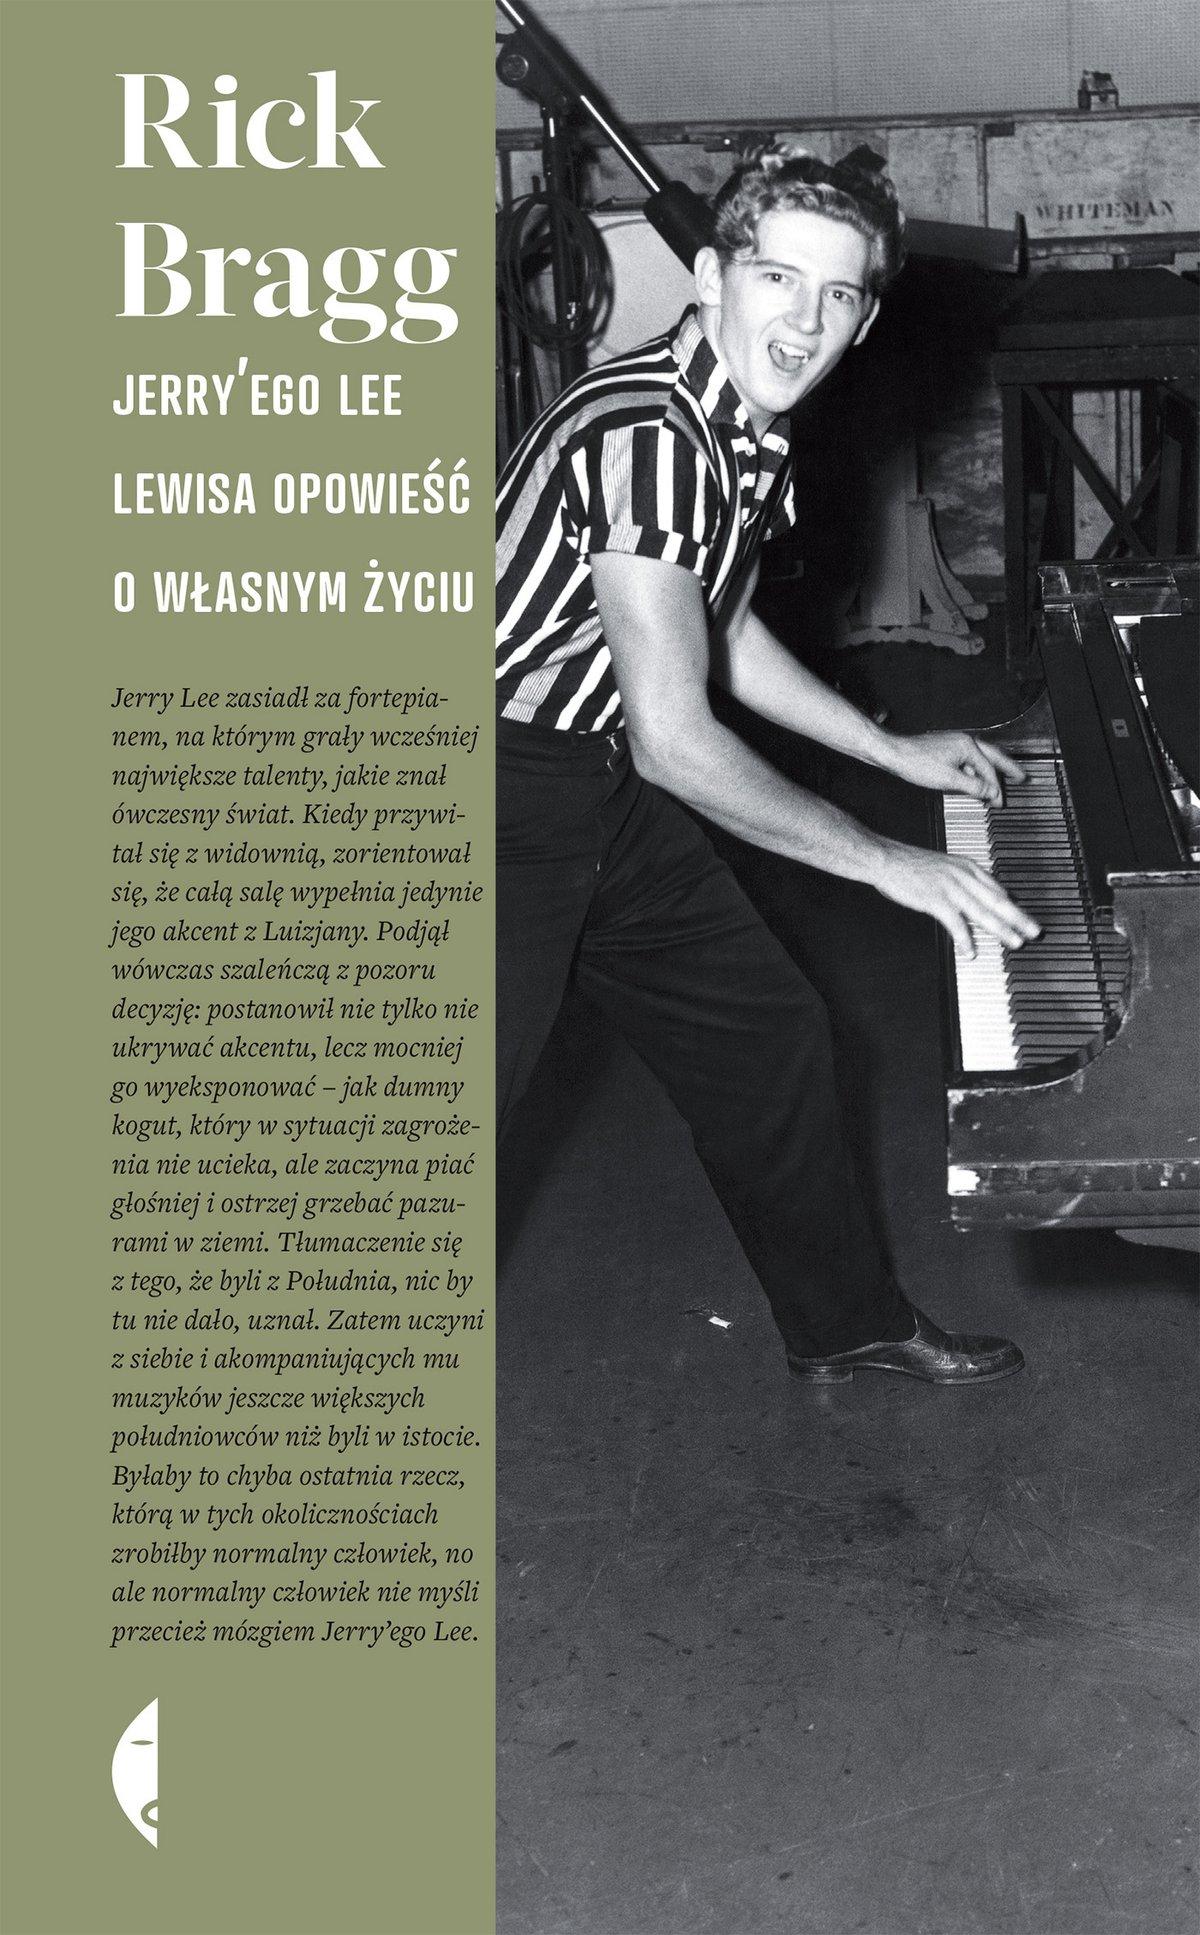 Jerry'ego Lee Lewisa opowieść o własnym życiu - Ebook (Książka na Kindle) do pobrania w formacie MOBI